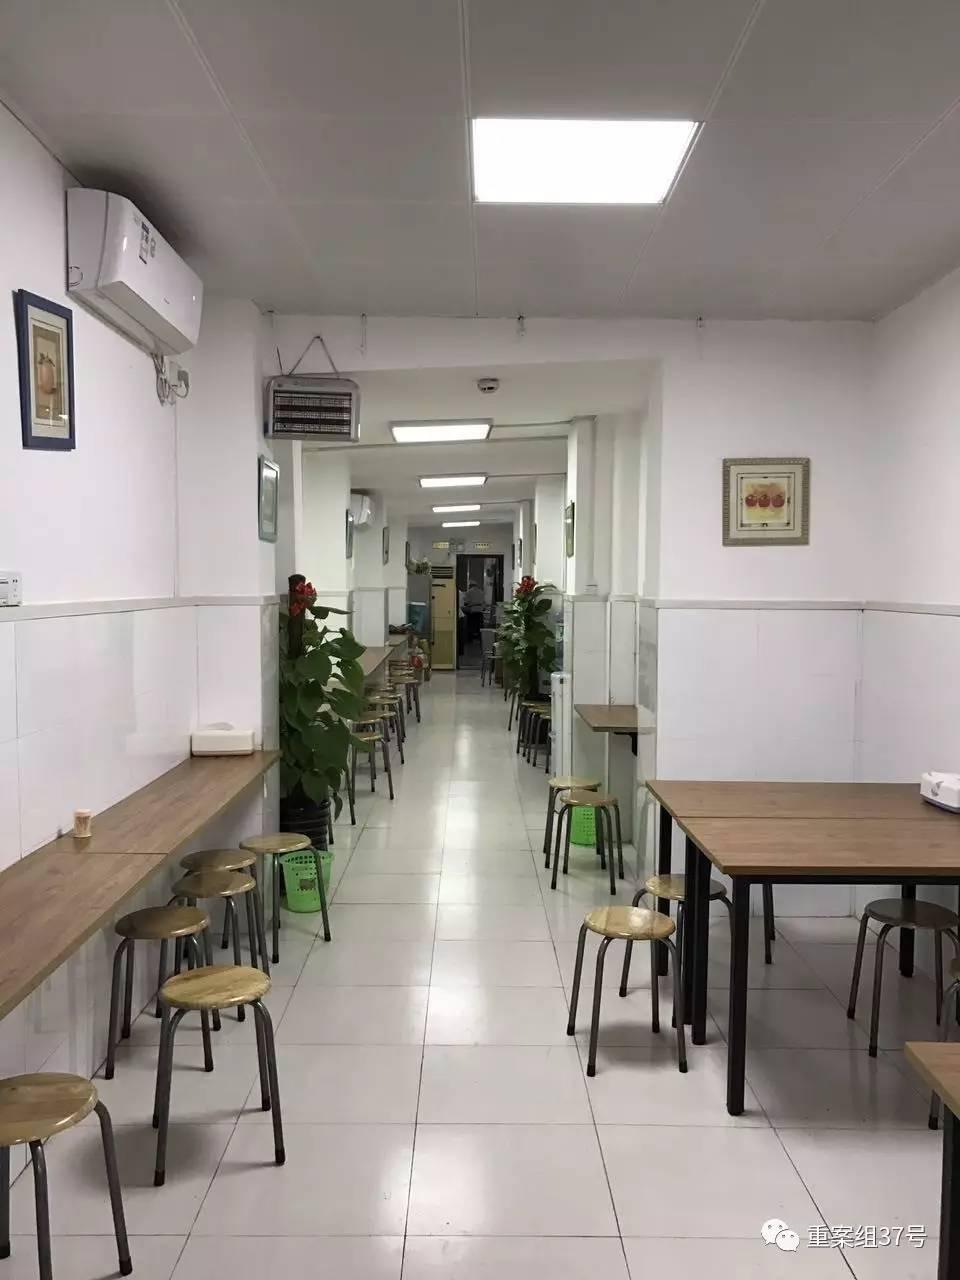 ▲廣西投資促進局食堂。新京報記者 賈世煜 攝